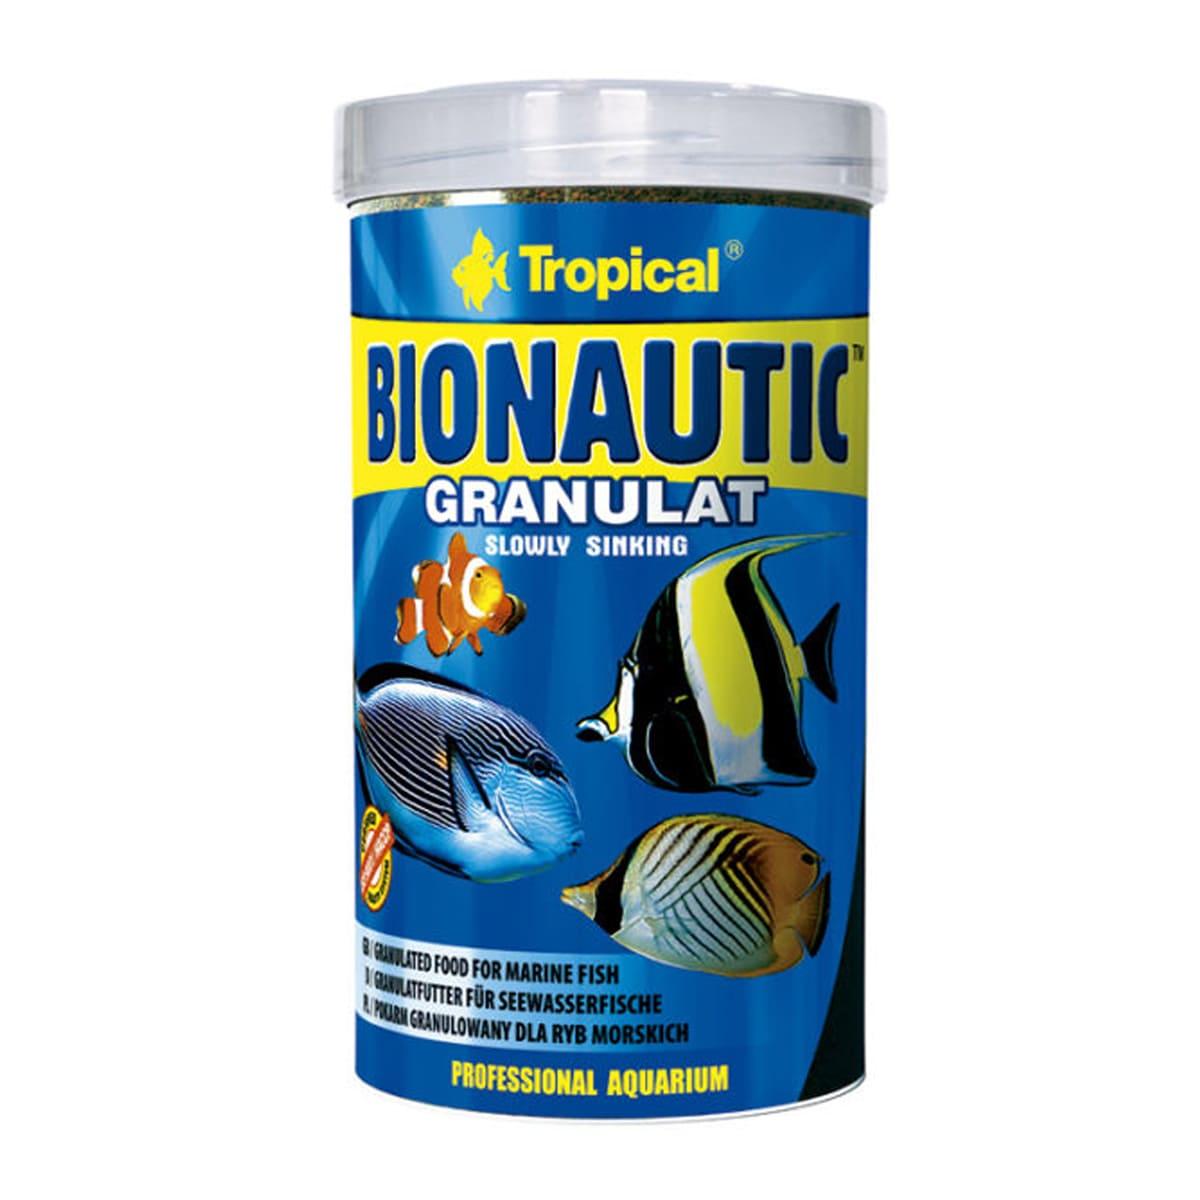 Ração Tropical Bionautic Granulat 275g Marinhos Onívoros